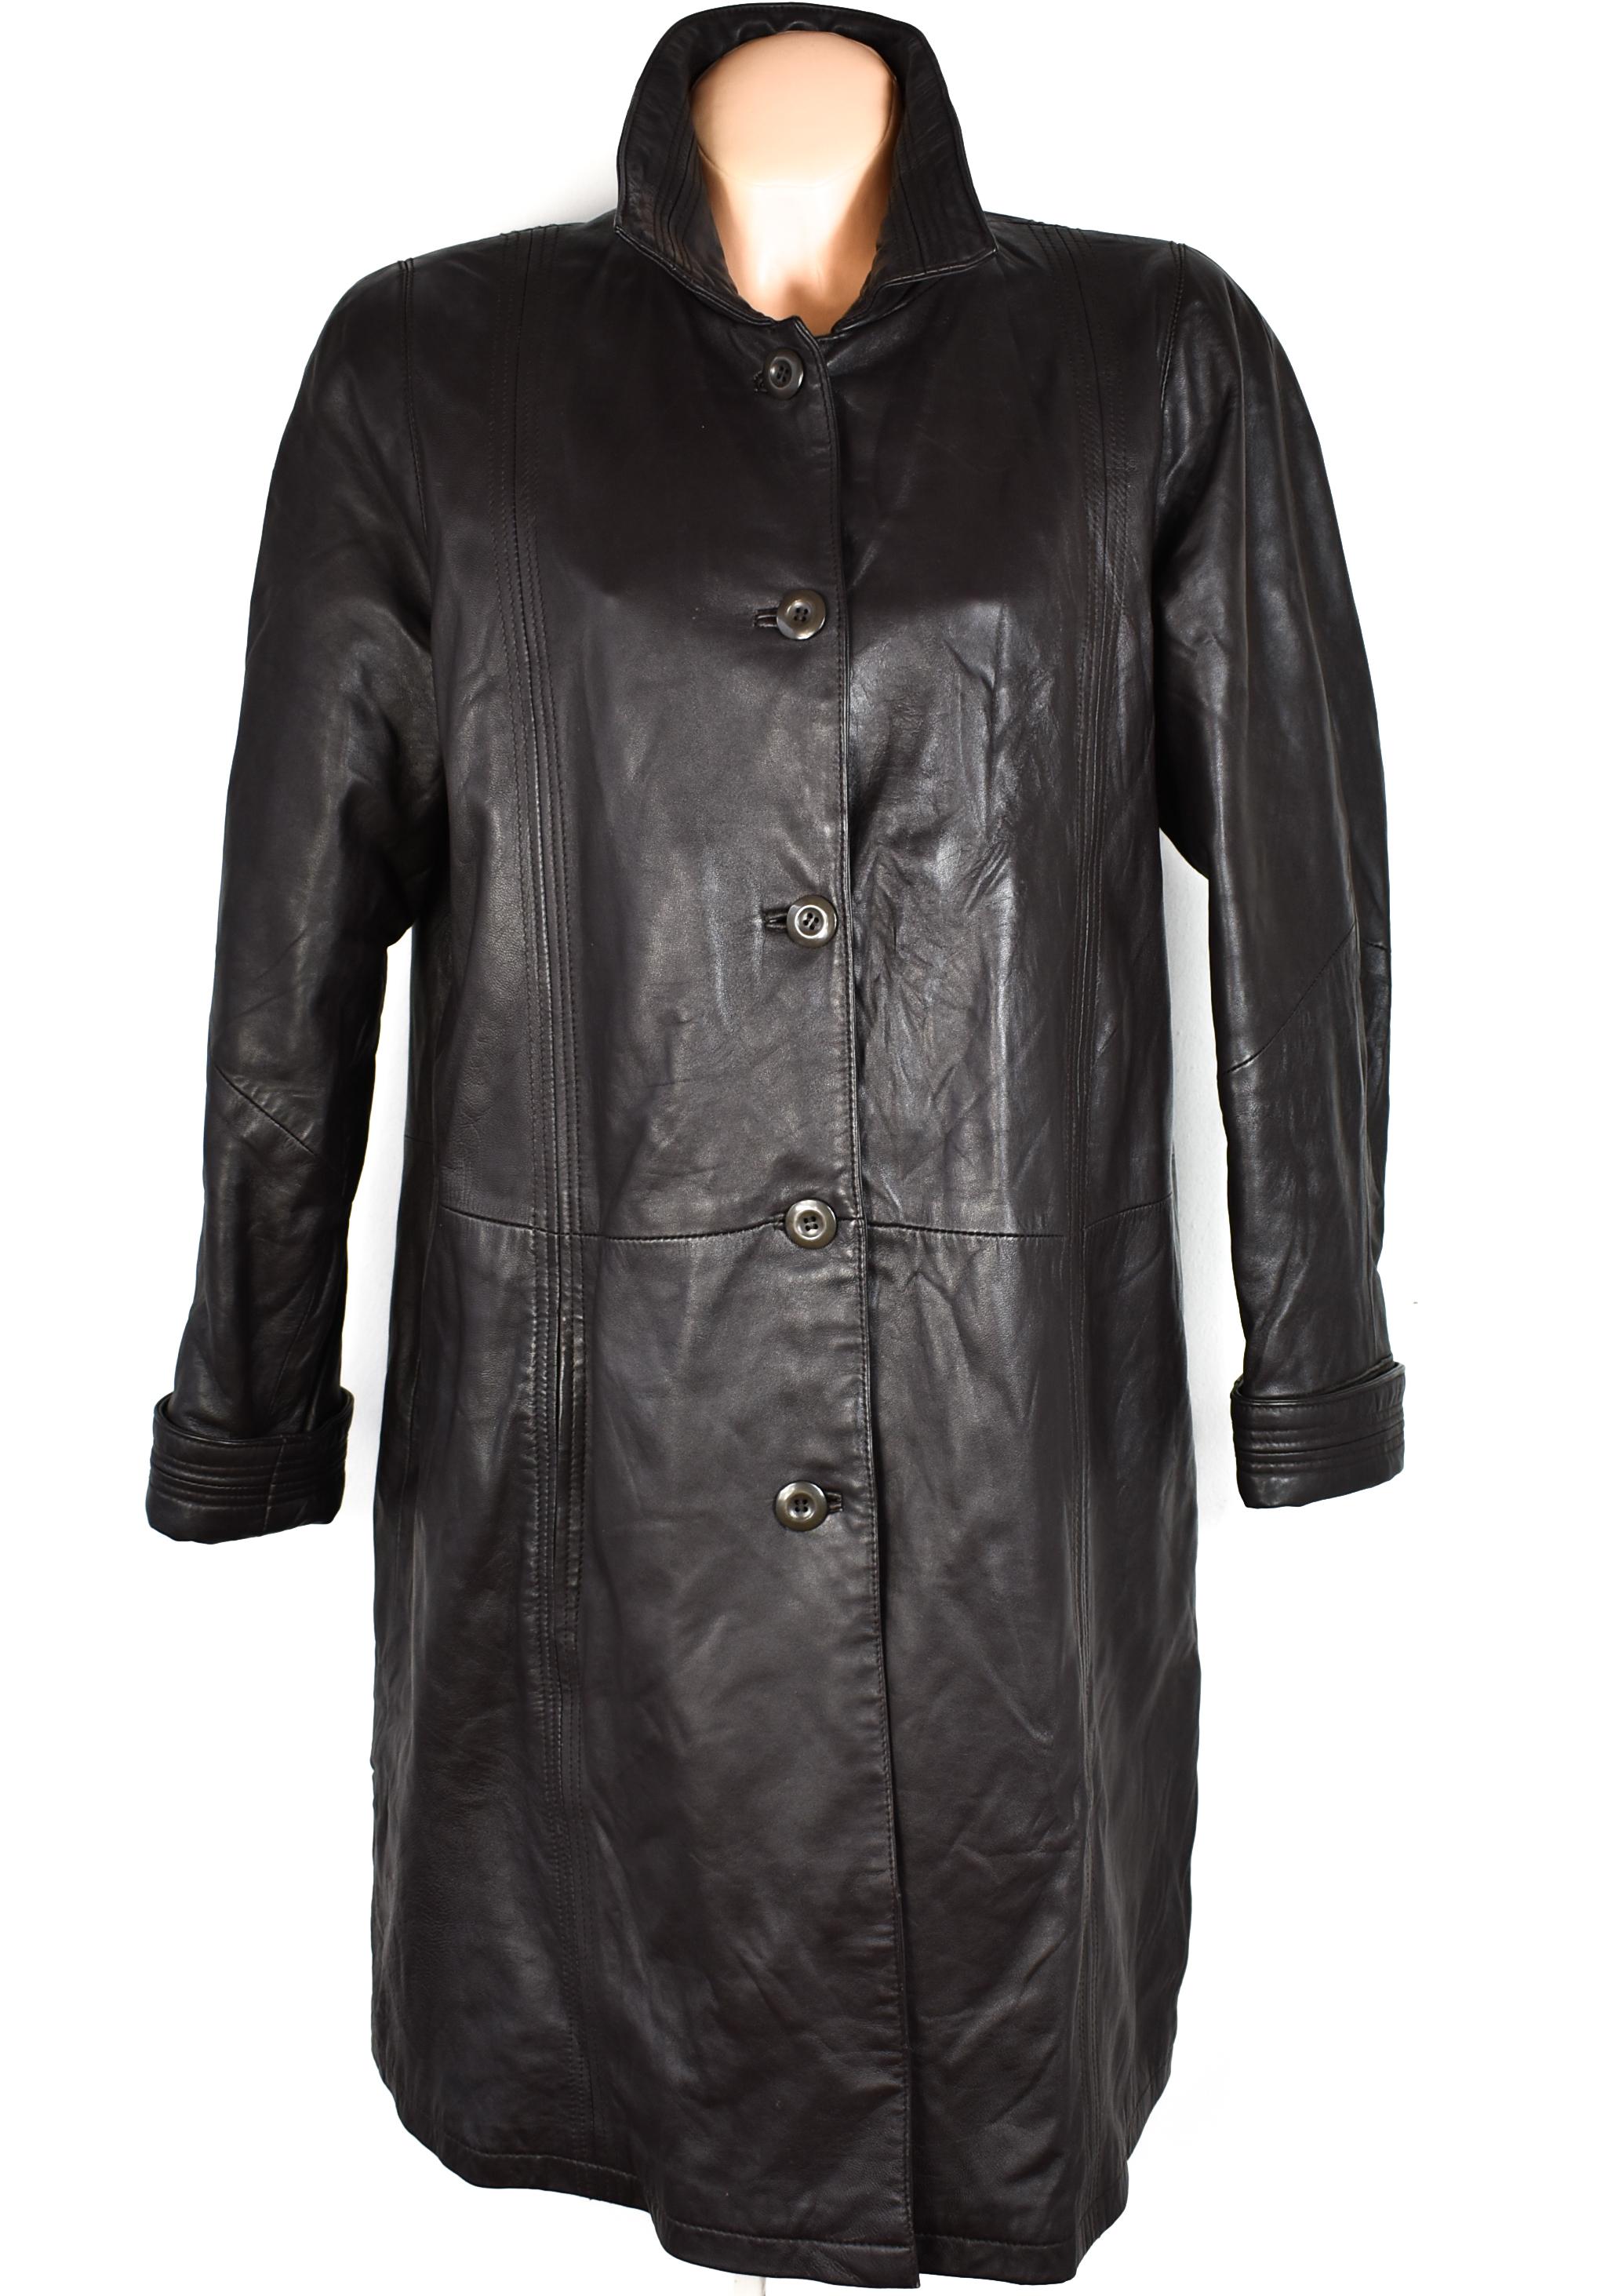 KOŽENÝ dámský hnědý měkký dlouhý kabát Julia S. Roma XL